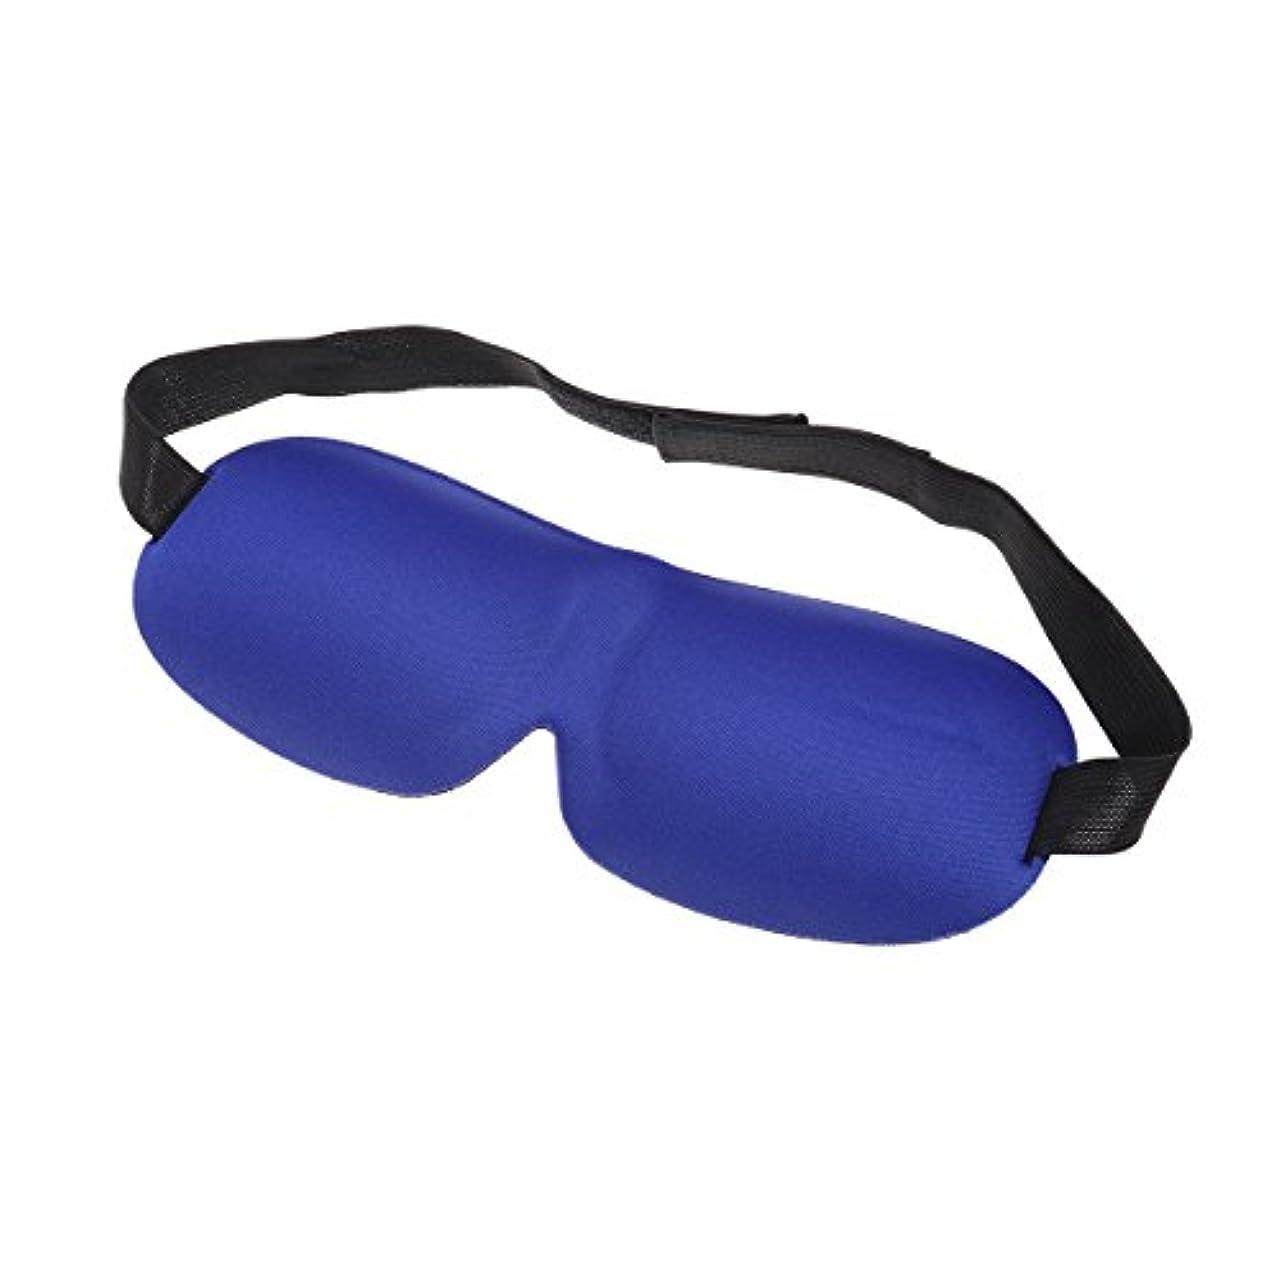 腫瘍駅反動ROSENICE アイマスク 遮光 睡眠 軽量 目隠し 圧迫感なし 調節可能 3D睡眠マスク(ブルー)